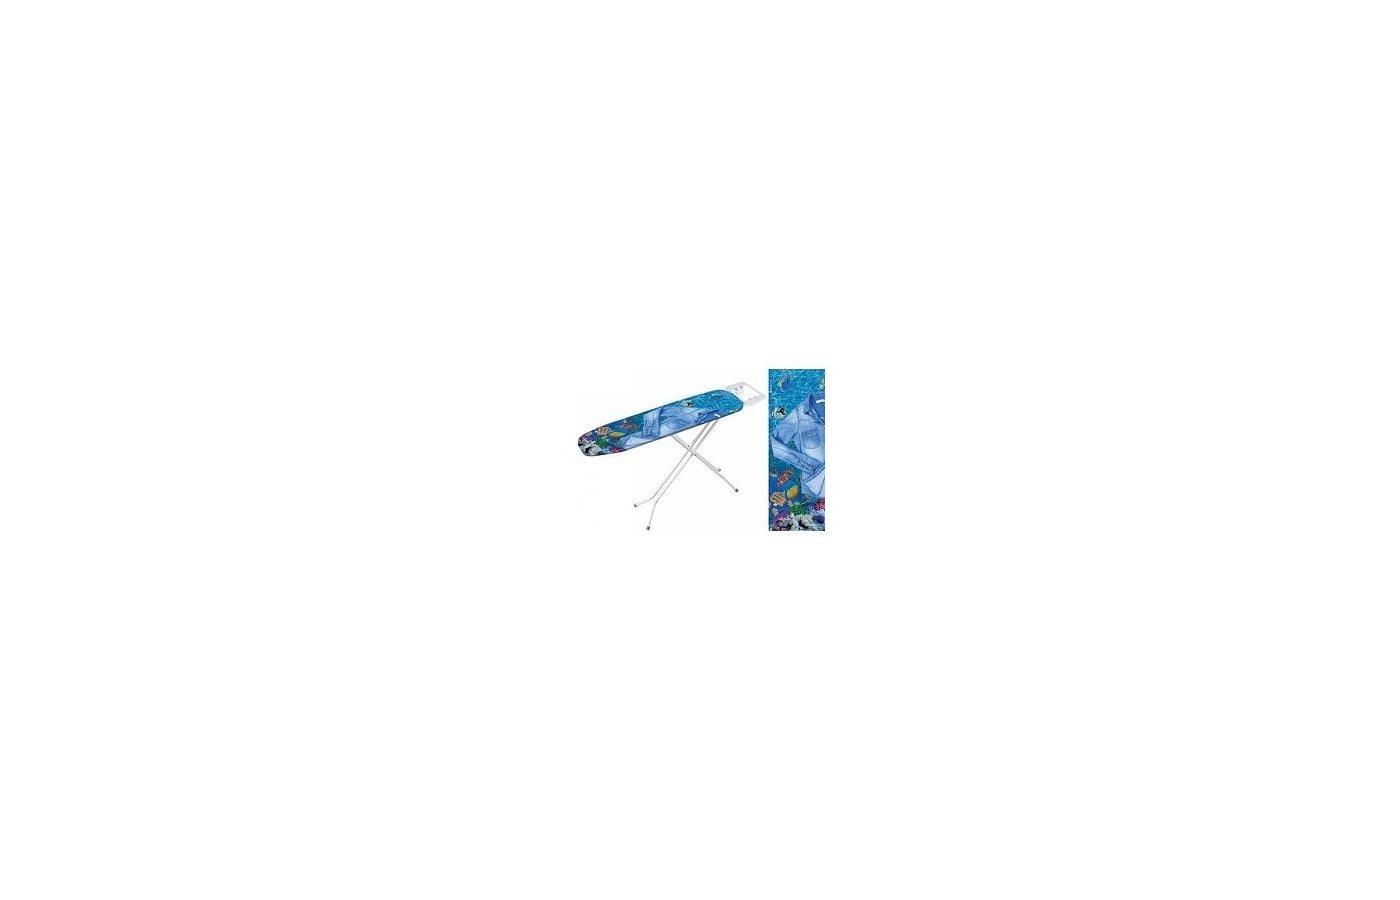 Чехлы и принадлежности для глажки VETTA 451-051 Чехол для гладильной доски 100 хлопок 130x48см Подводный мир